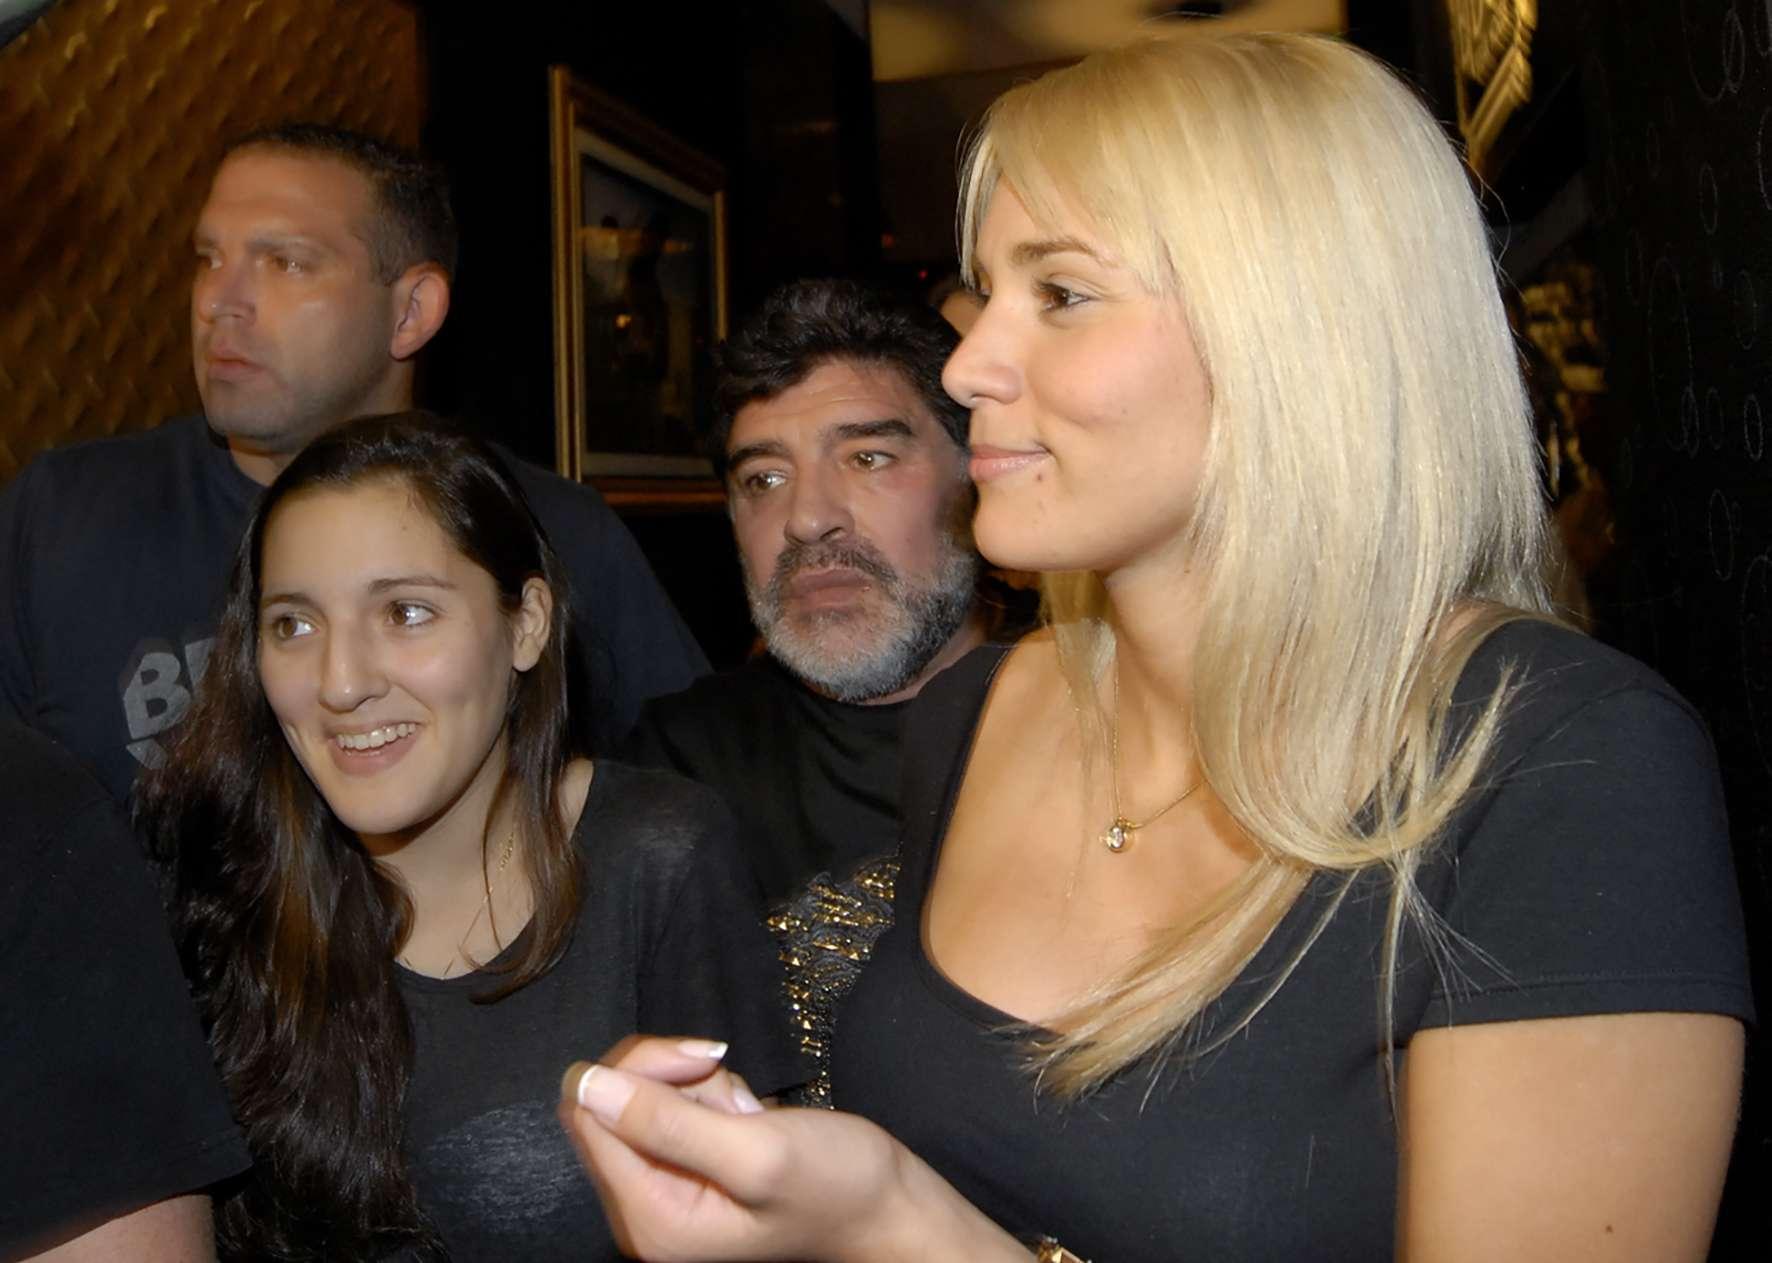 Jana, junto a su padre Diego Maradona y Rocío Oliva. Foto: Noticias Argentinas